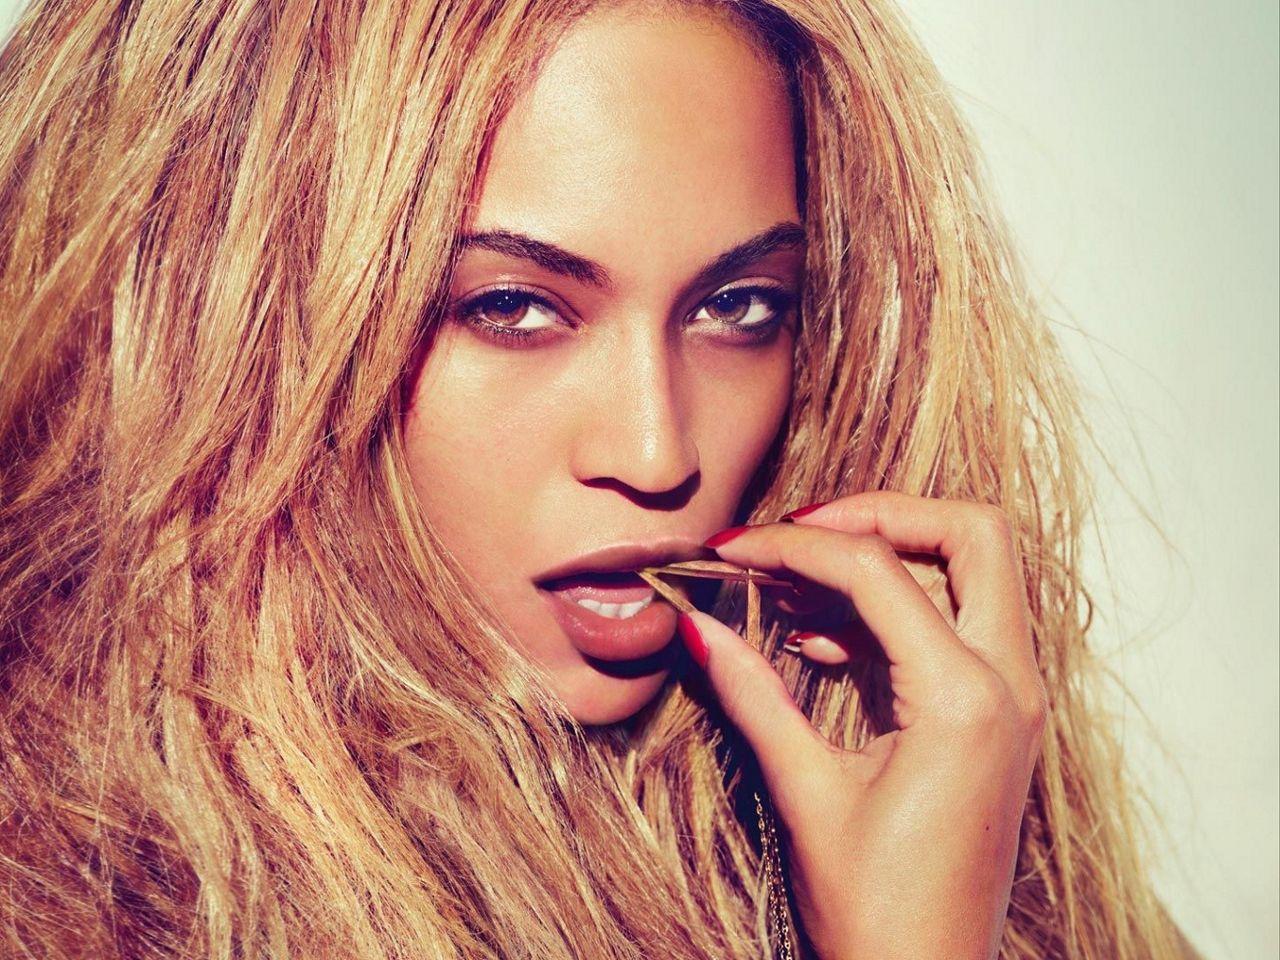 Beyonce album 4 Beyonce Wallpaper 32653305 Fanpop Beyonc